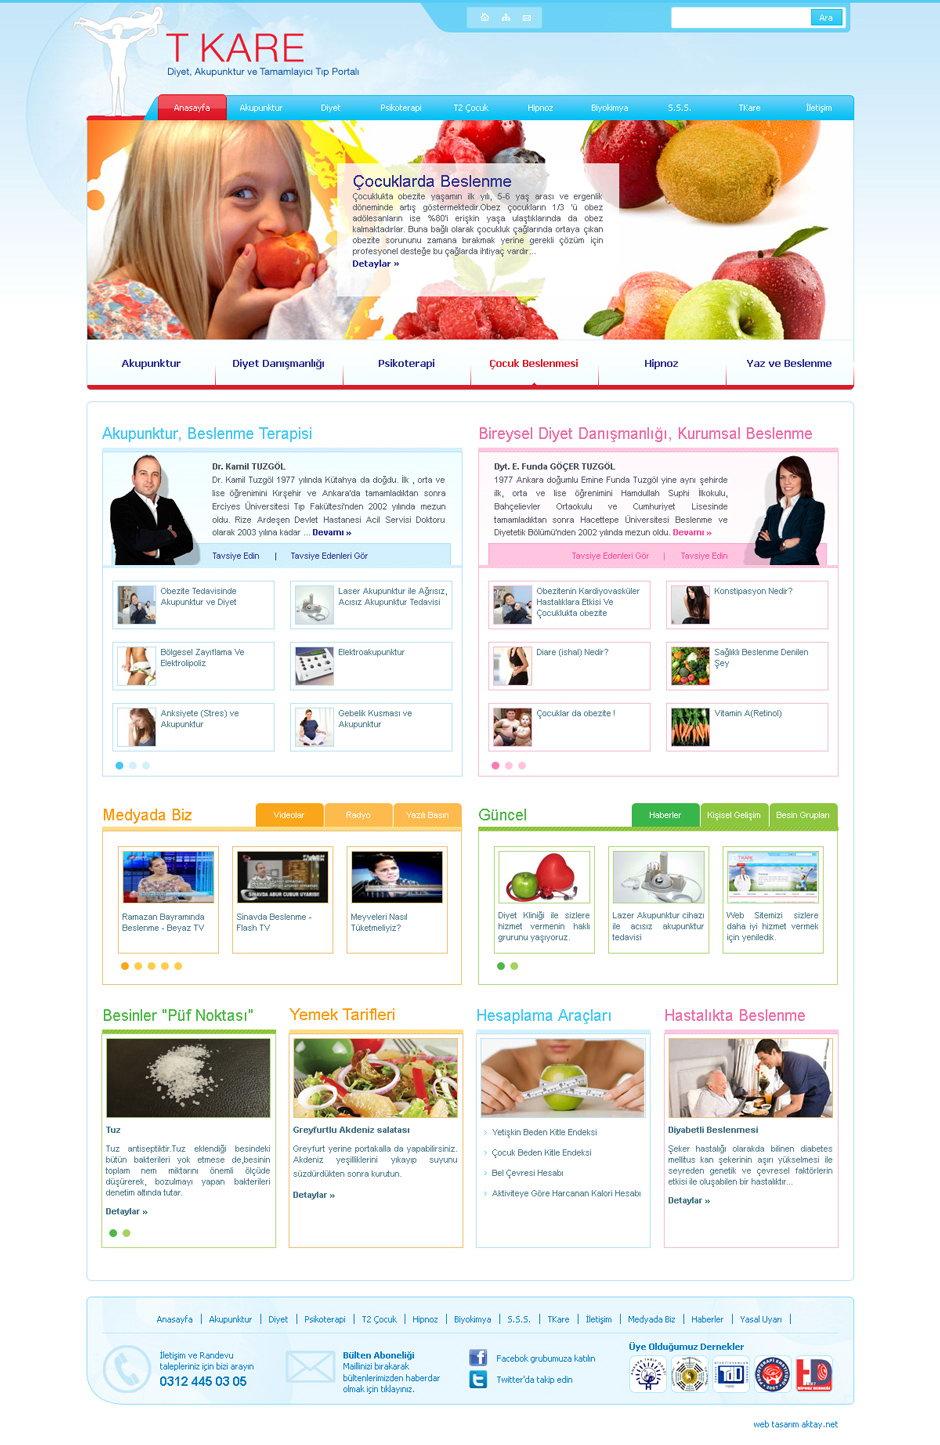 tkare diyet web sitesi tasarımı 04